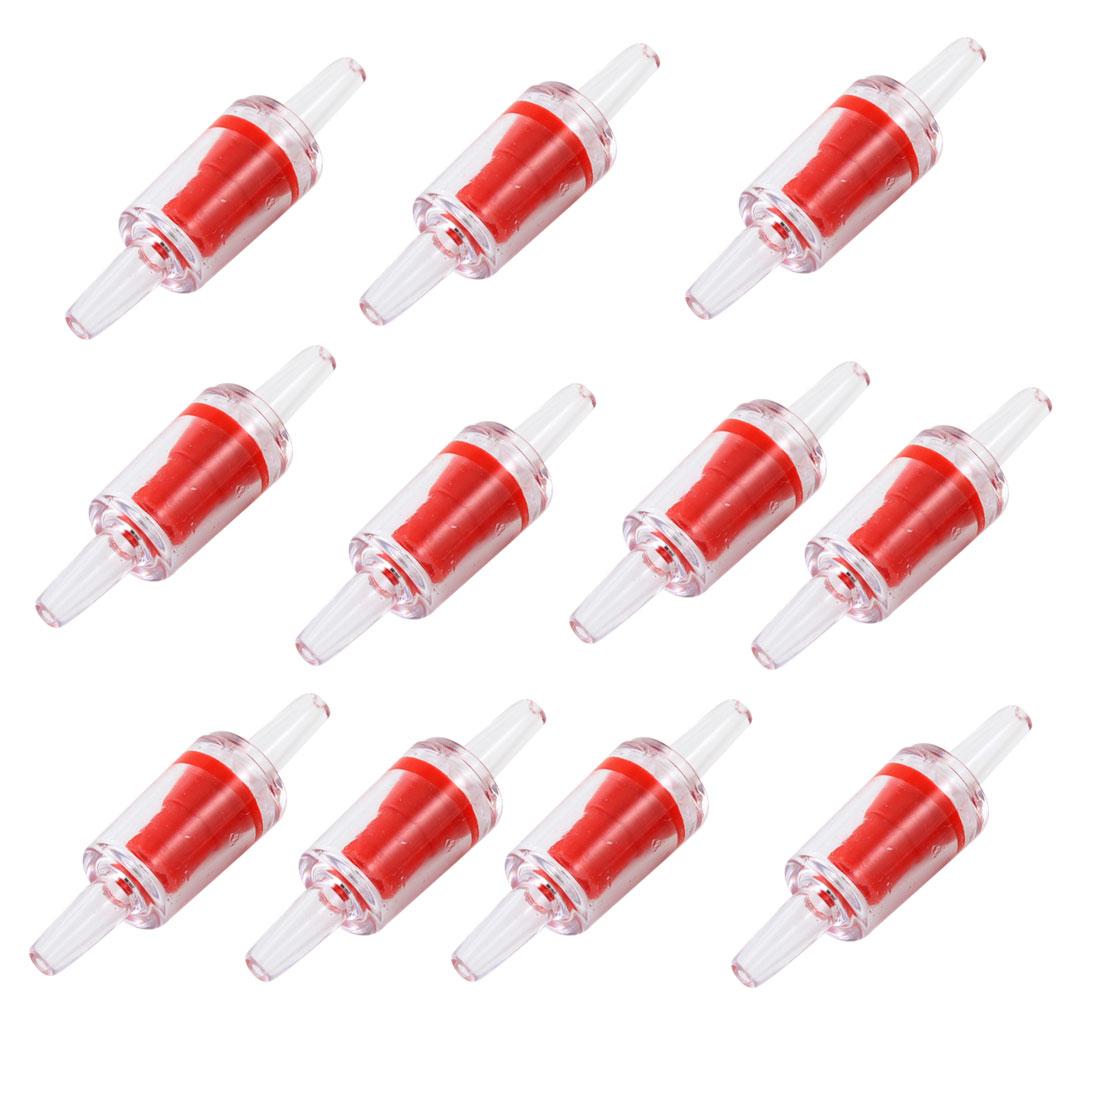 Aquarium Air Pump Co2 Diffuser Red Plastic One Way Check Valves 11 Pcs